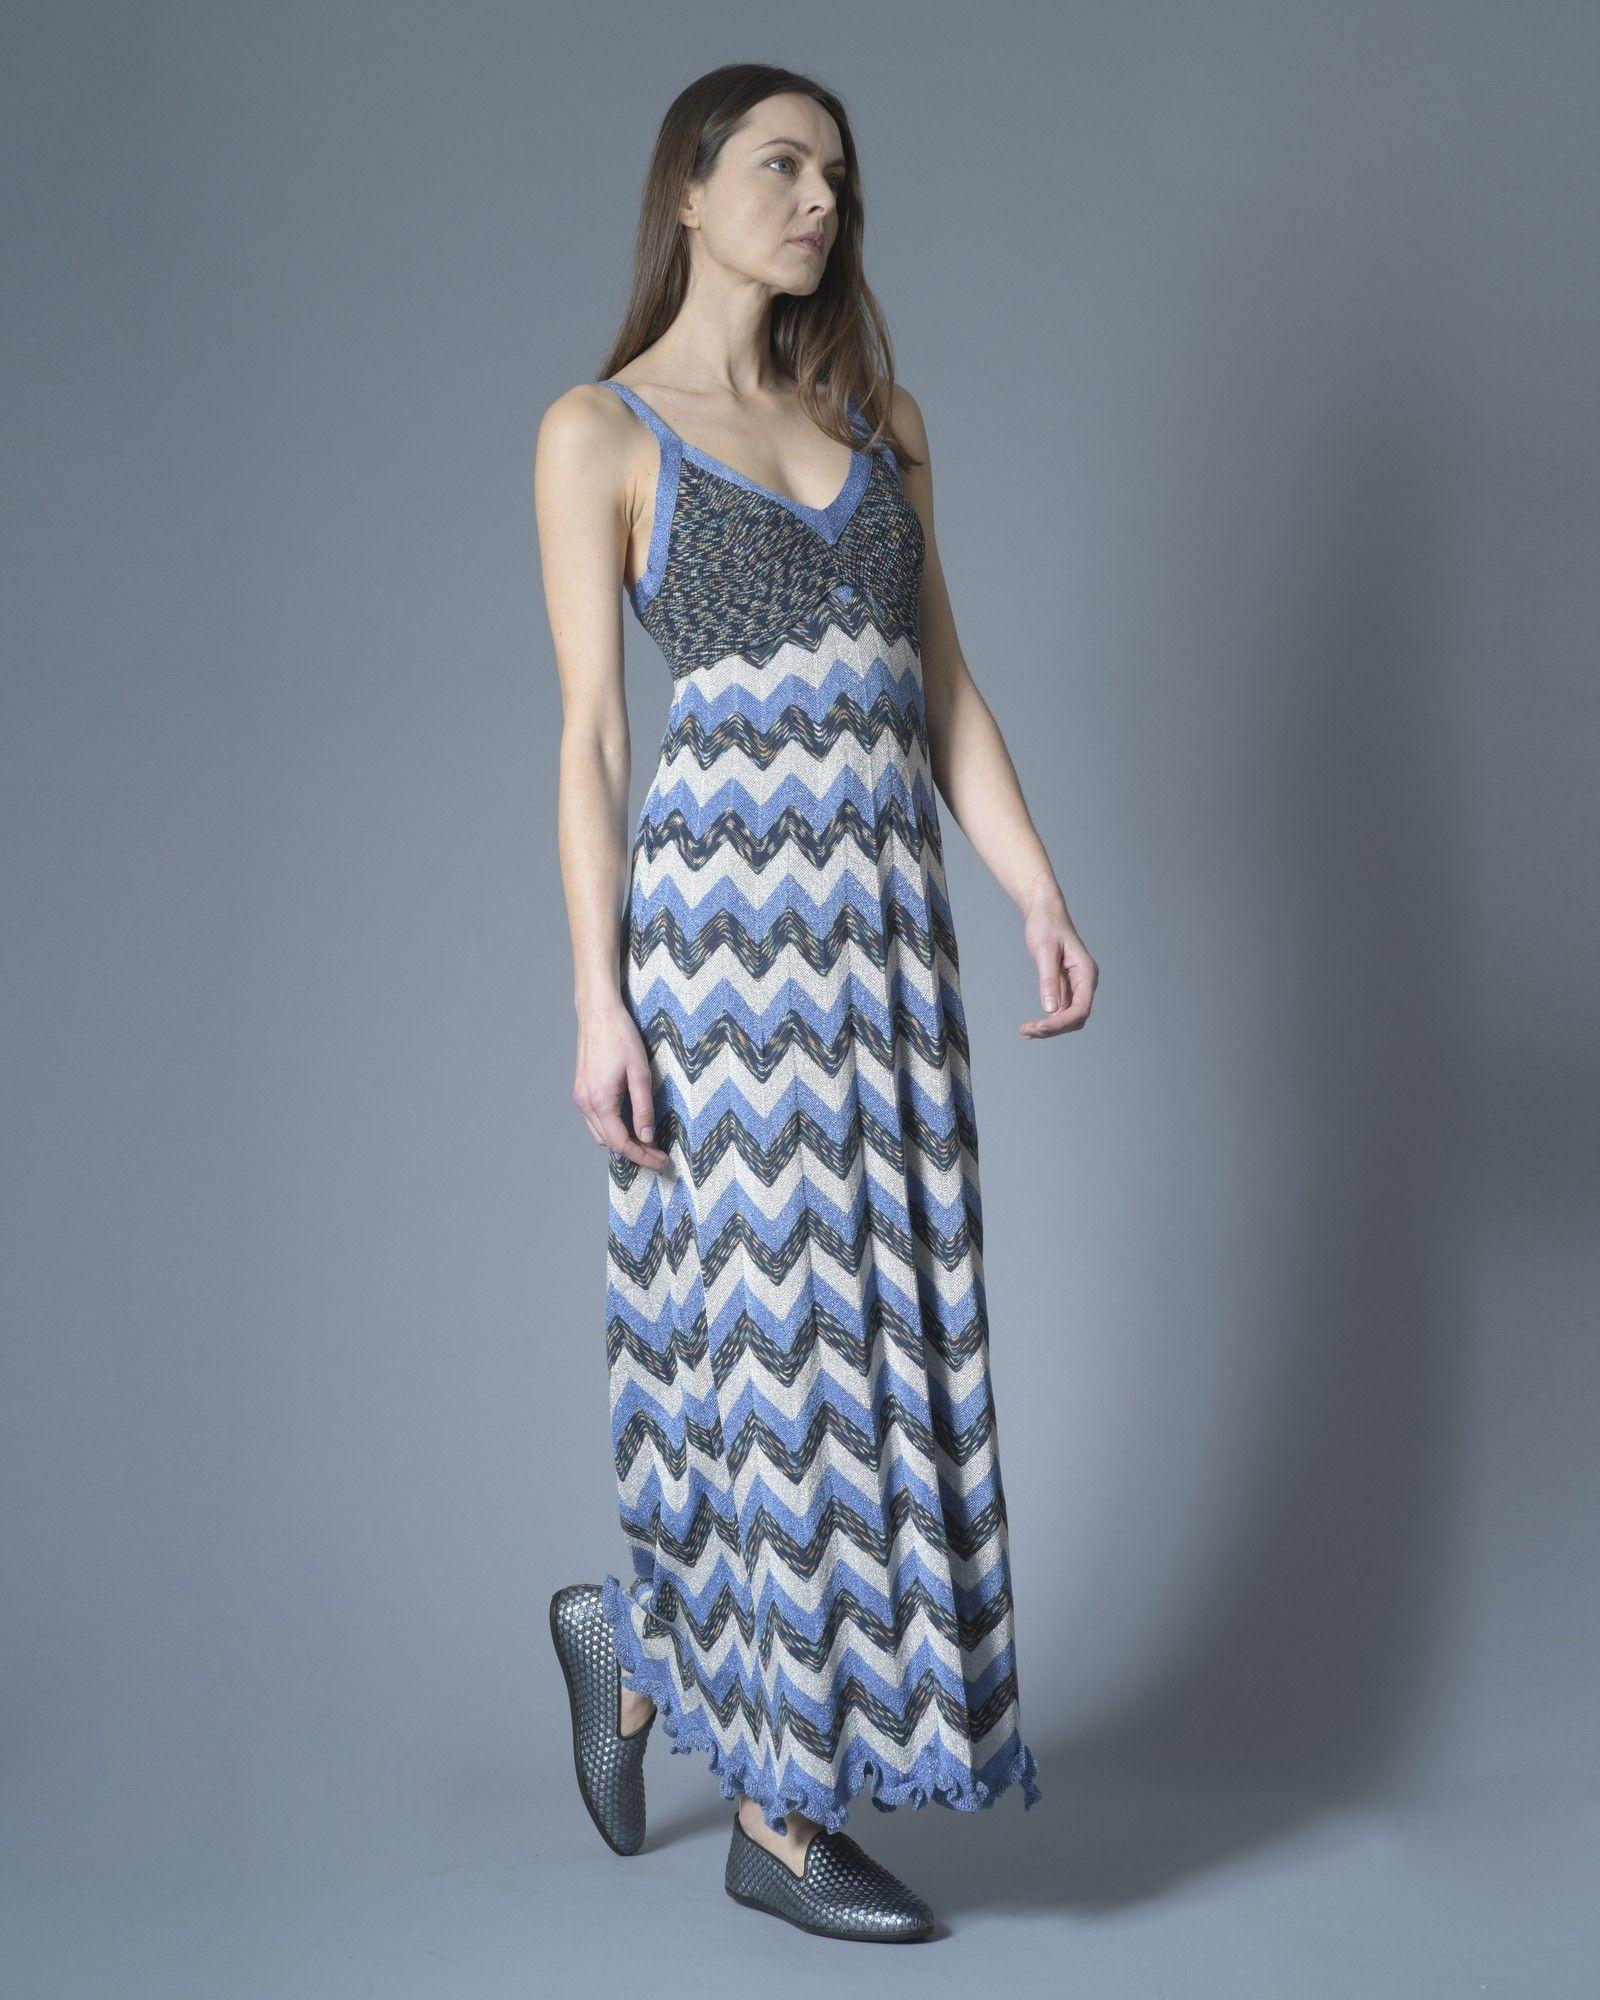 Robe longue à motif, tricolore bleu métallisé, argenté et bleu tricoté